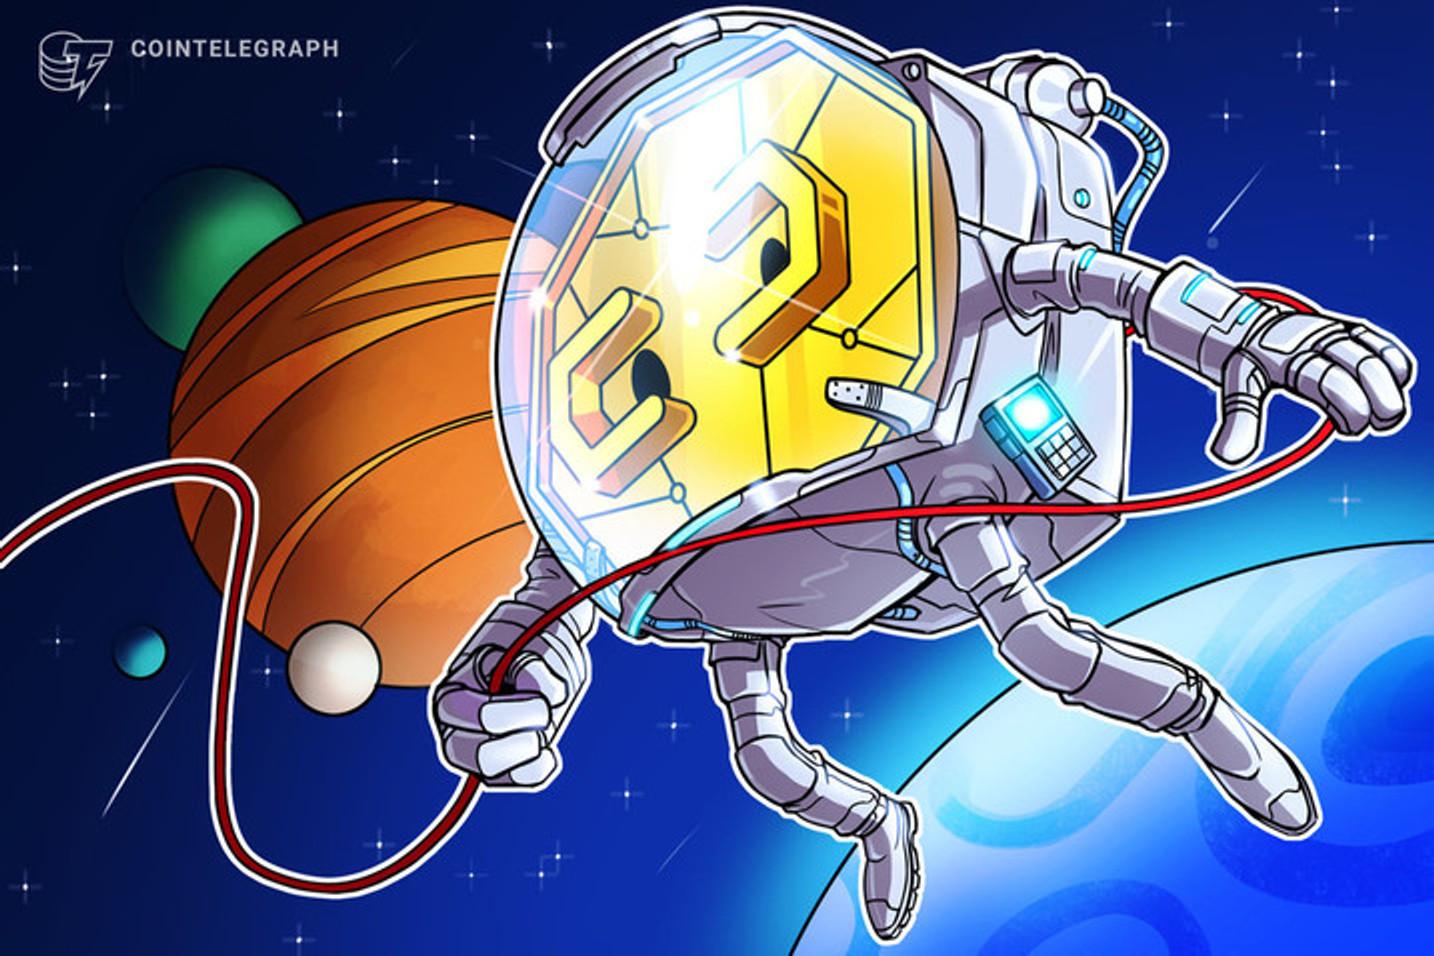 Comunidade Bitcoin no Twitter aposta em 'pump' no fim de semana para levar a moeda até US$ 62 mil